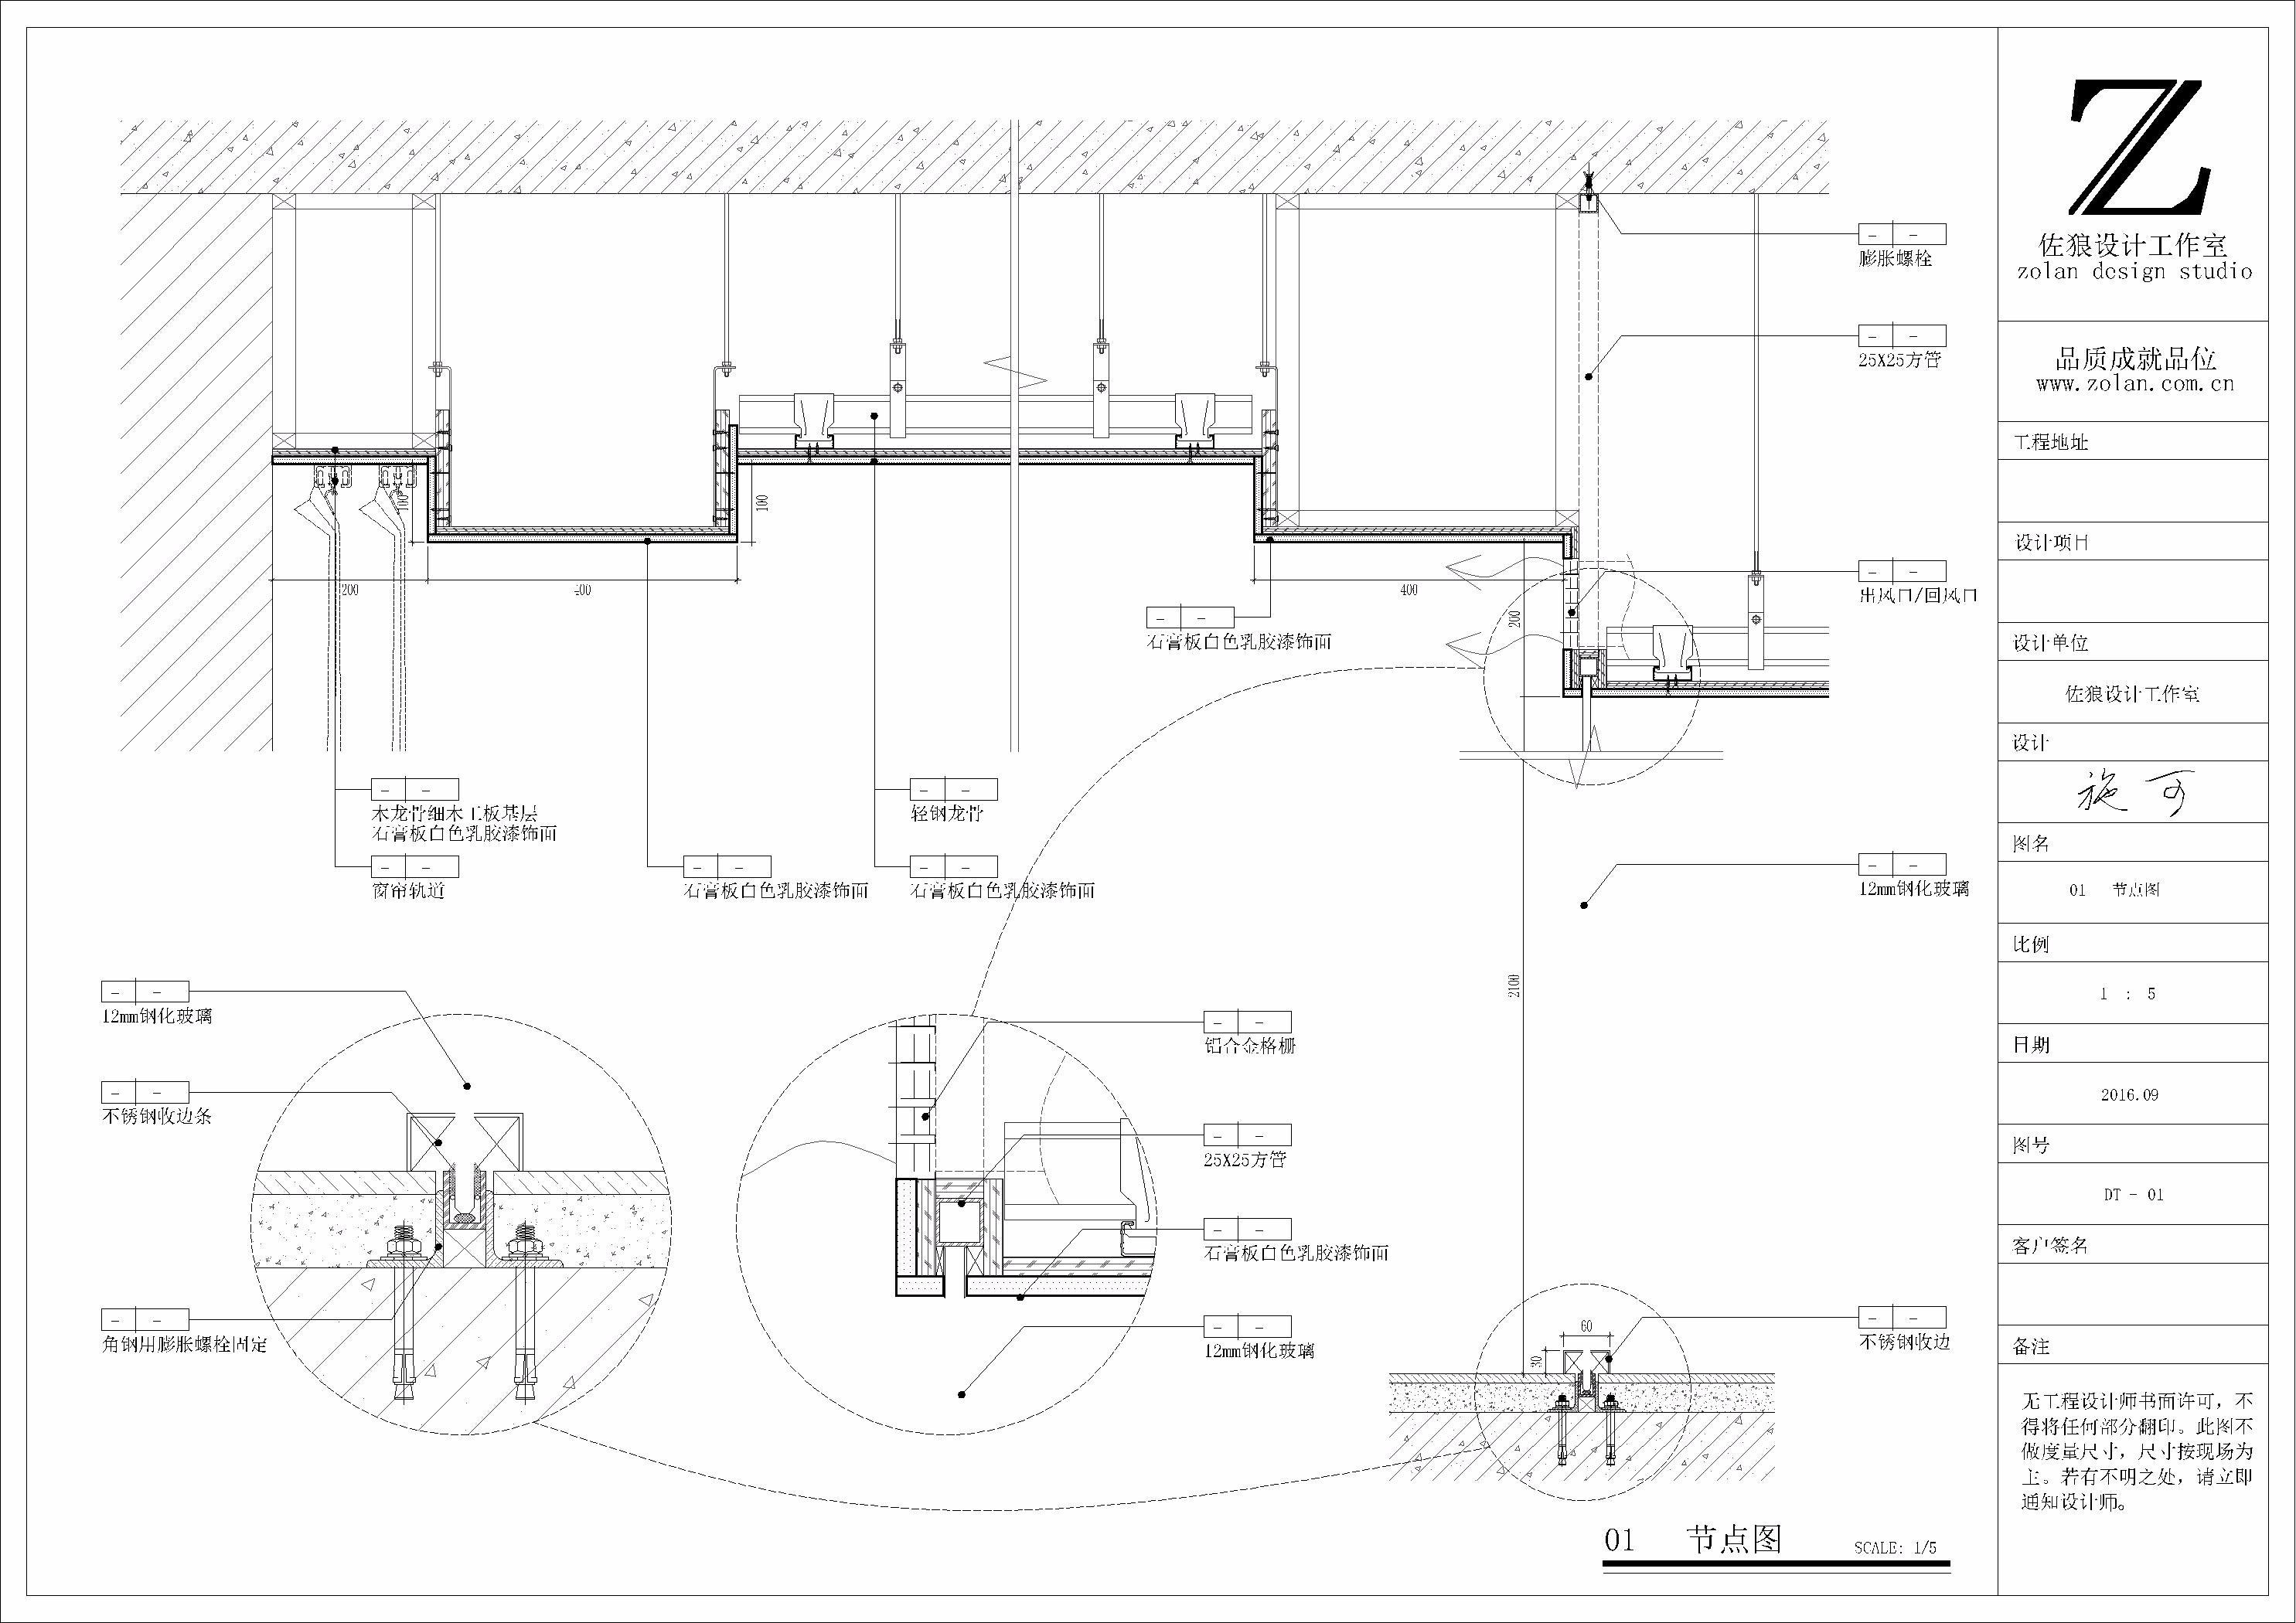 足疗会所施工图 - 效果图交流区-建e室内设计网